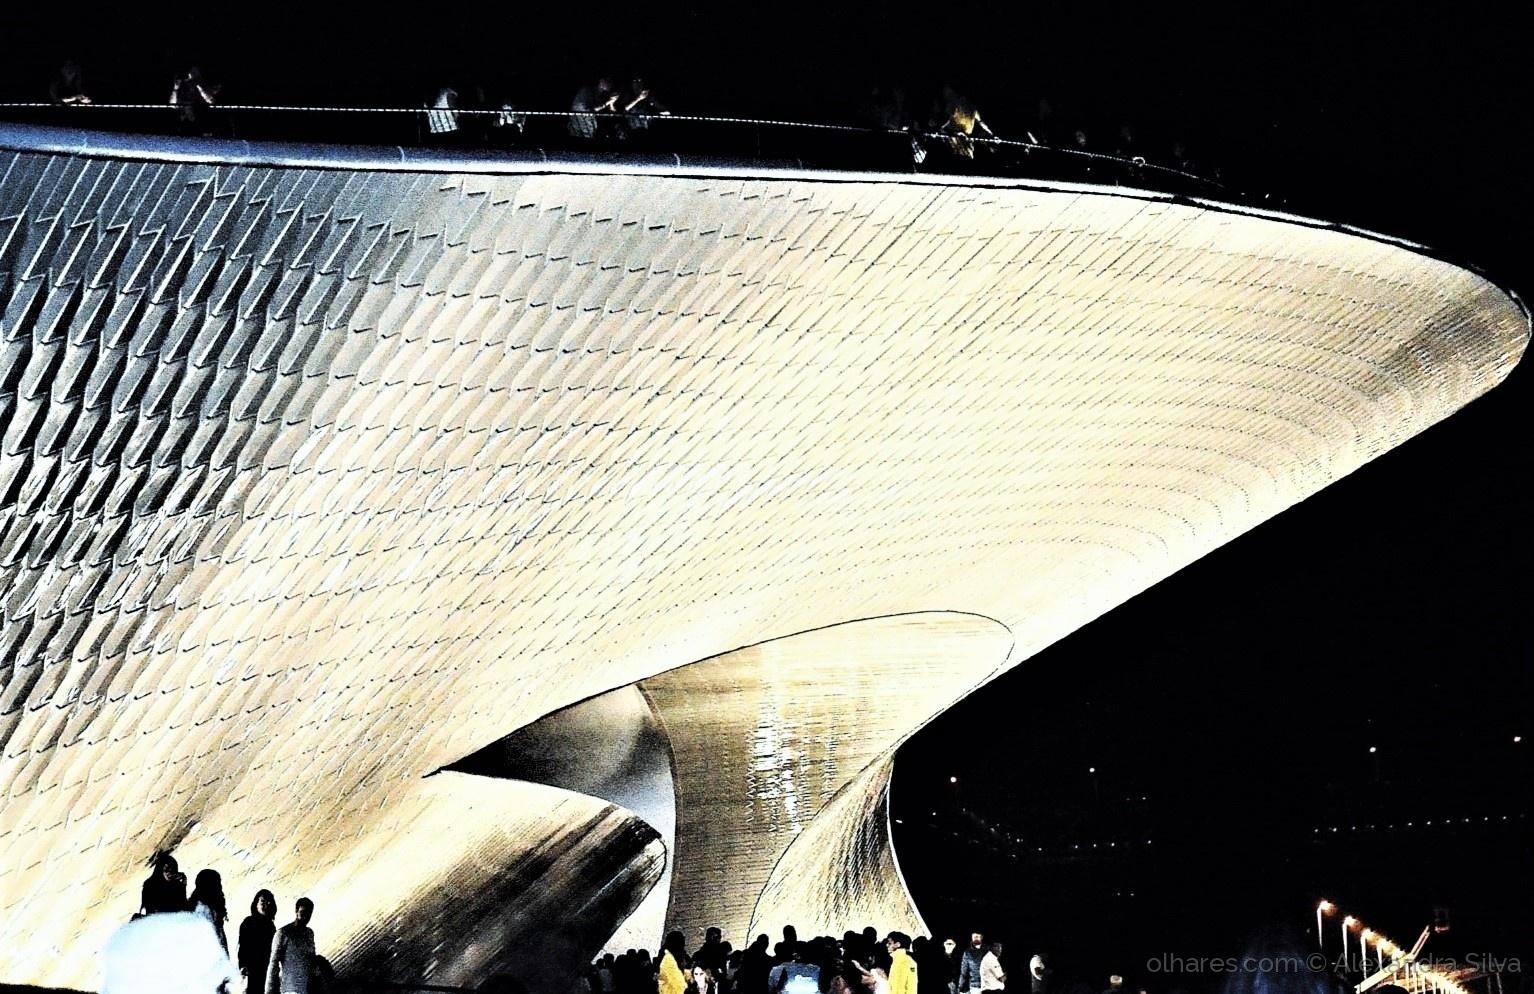 Espetáculos/Noite dos Museus no MAAT